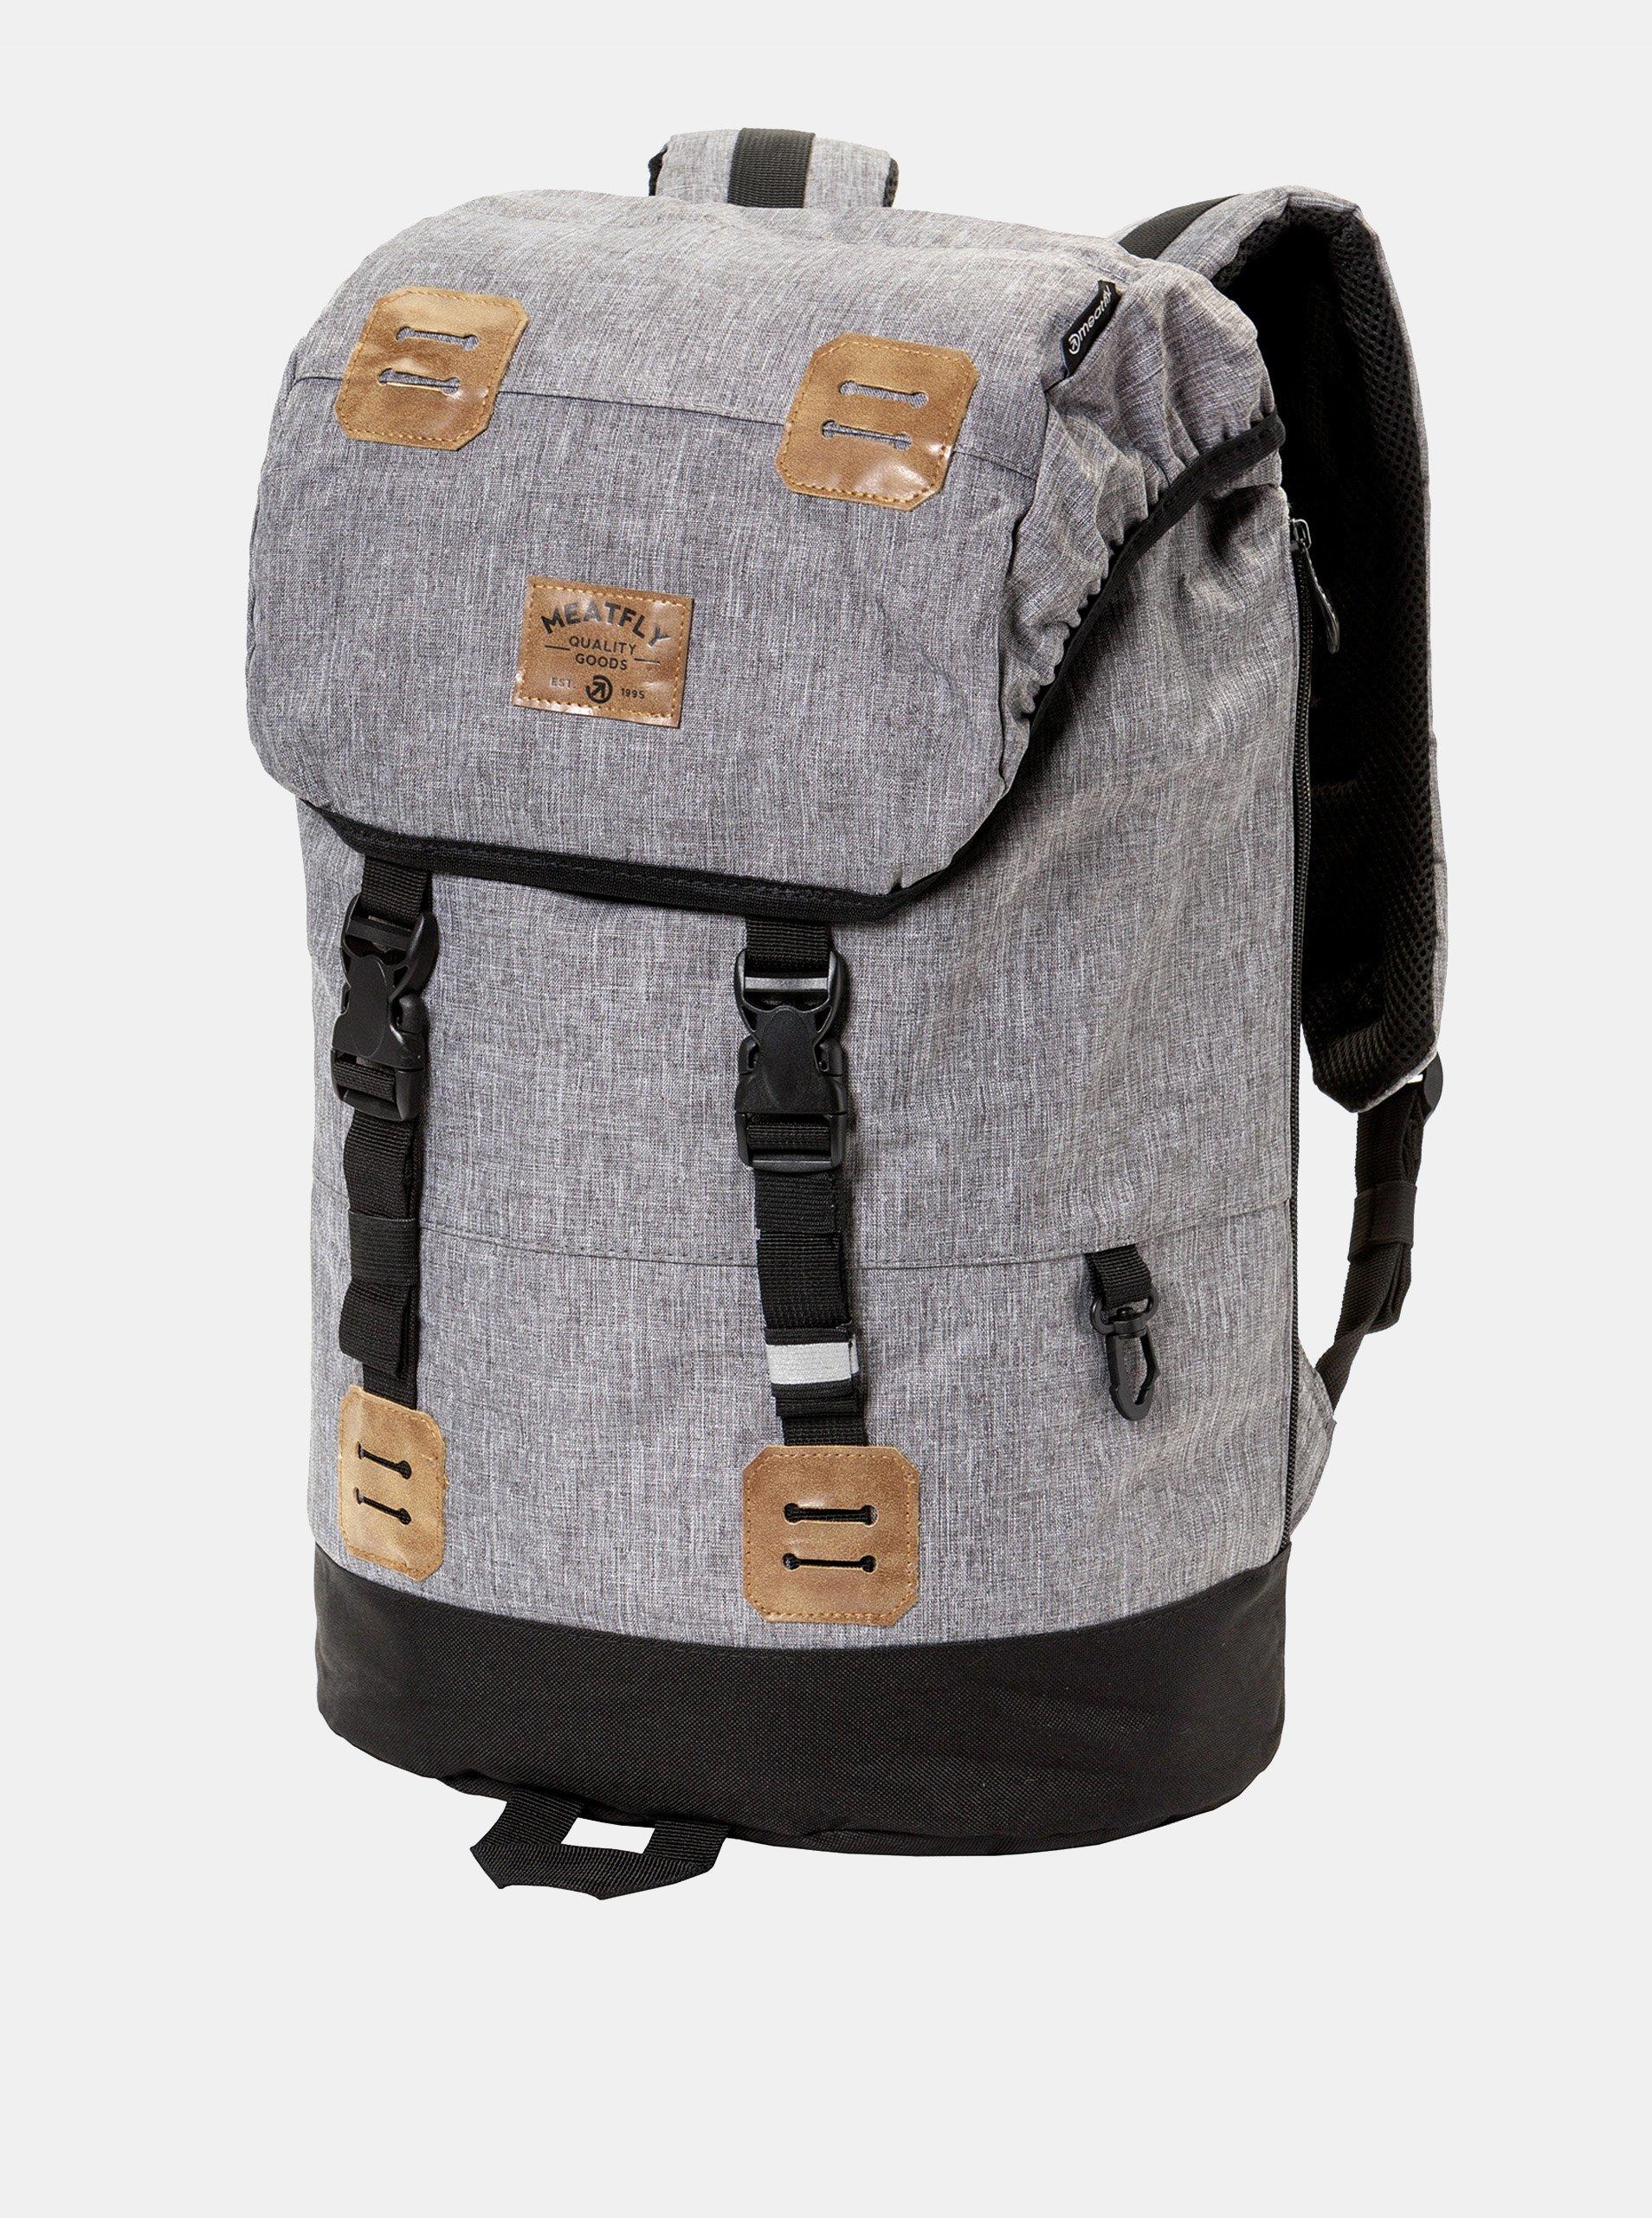 Fotografie Šedý žíhaný batoh s koženkovými detaily a pláštěnkou Meatfly 26 l